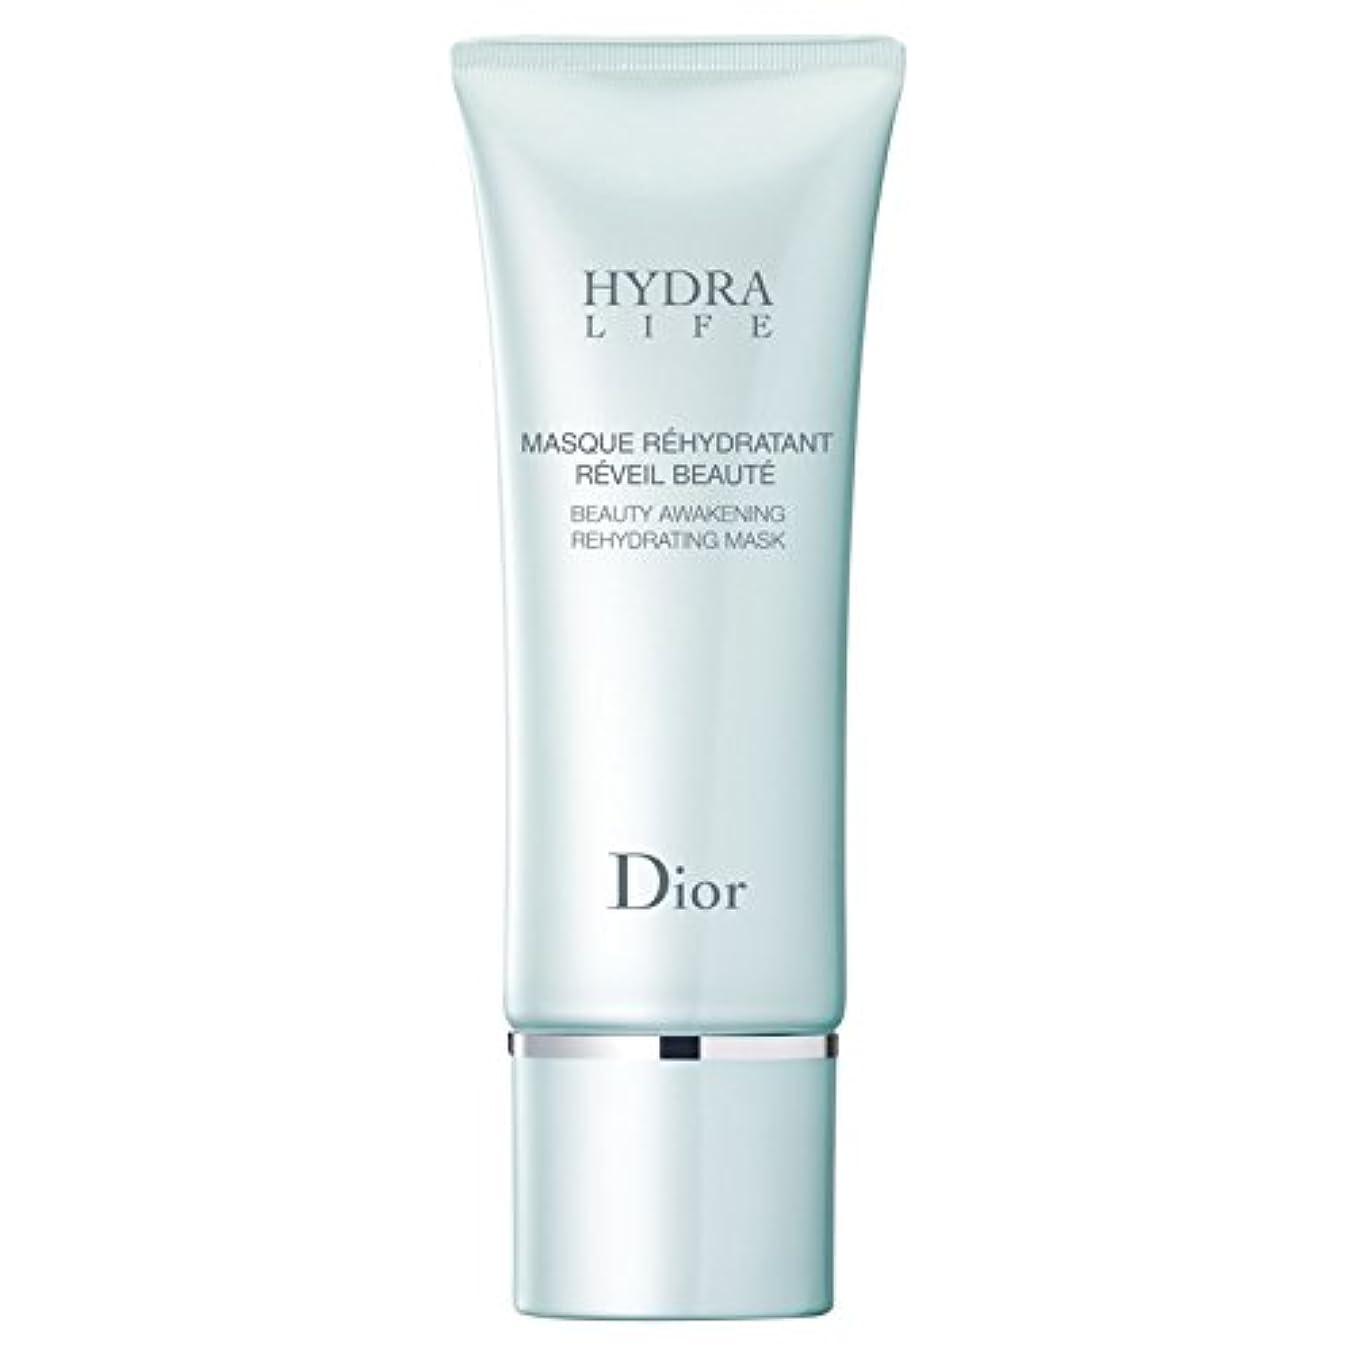 マトリックスペニー不可能な[Dior] マスク75ミリリットルを再水和ディオールヒドラ人生の美しさの目覚め - Dior Hydra Life Beauty Awakening Rehydrating Mask 75ml [並行輸入品]